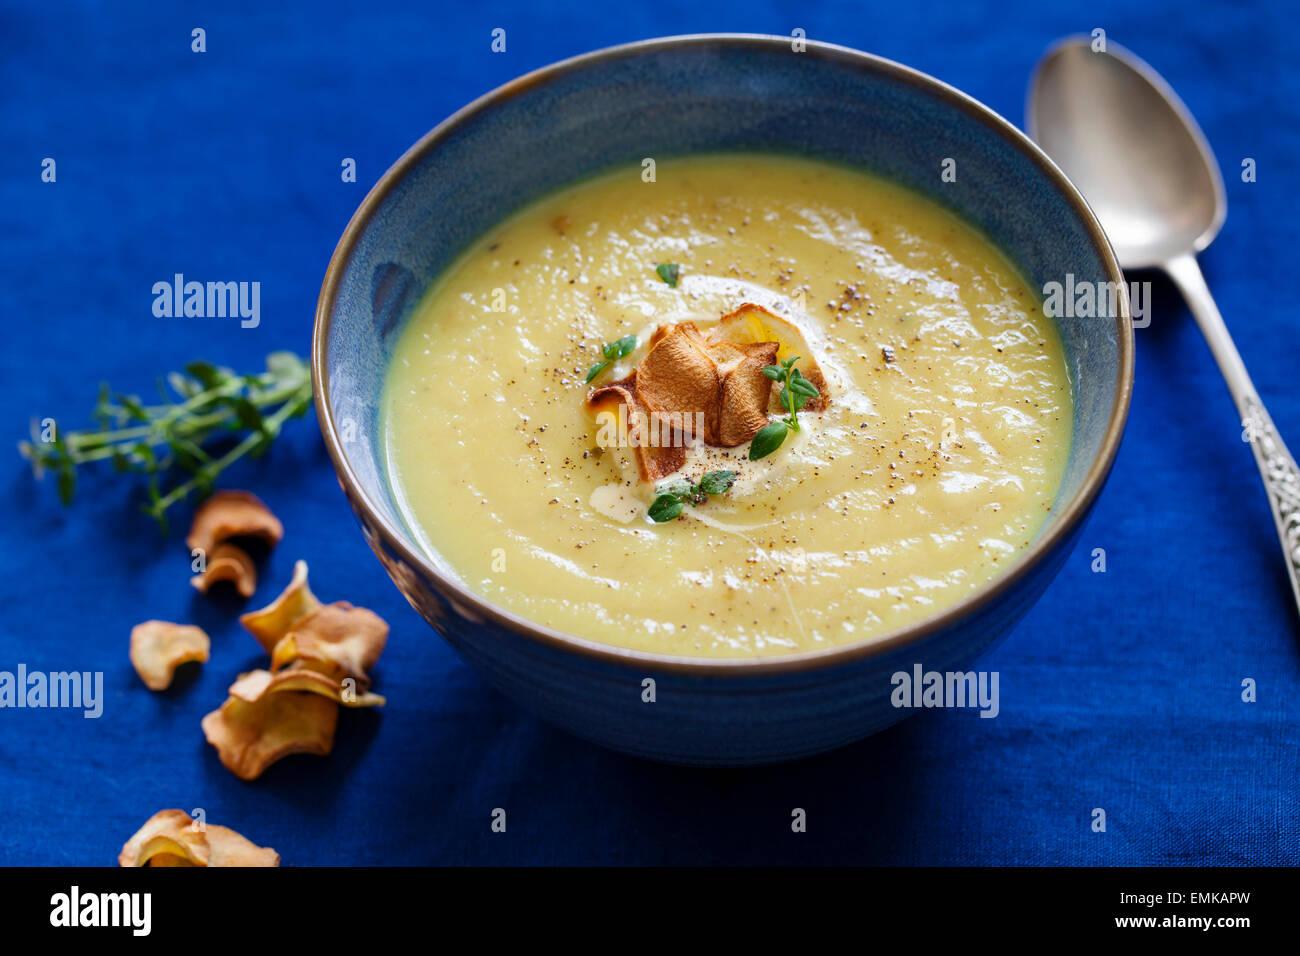 Soupe de panais avec chips de panais Photo Stock